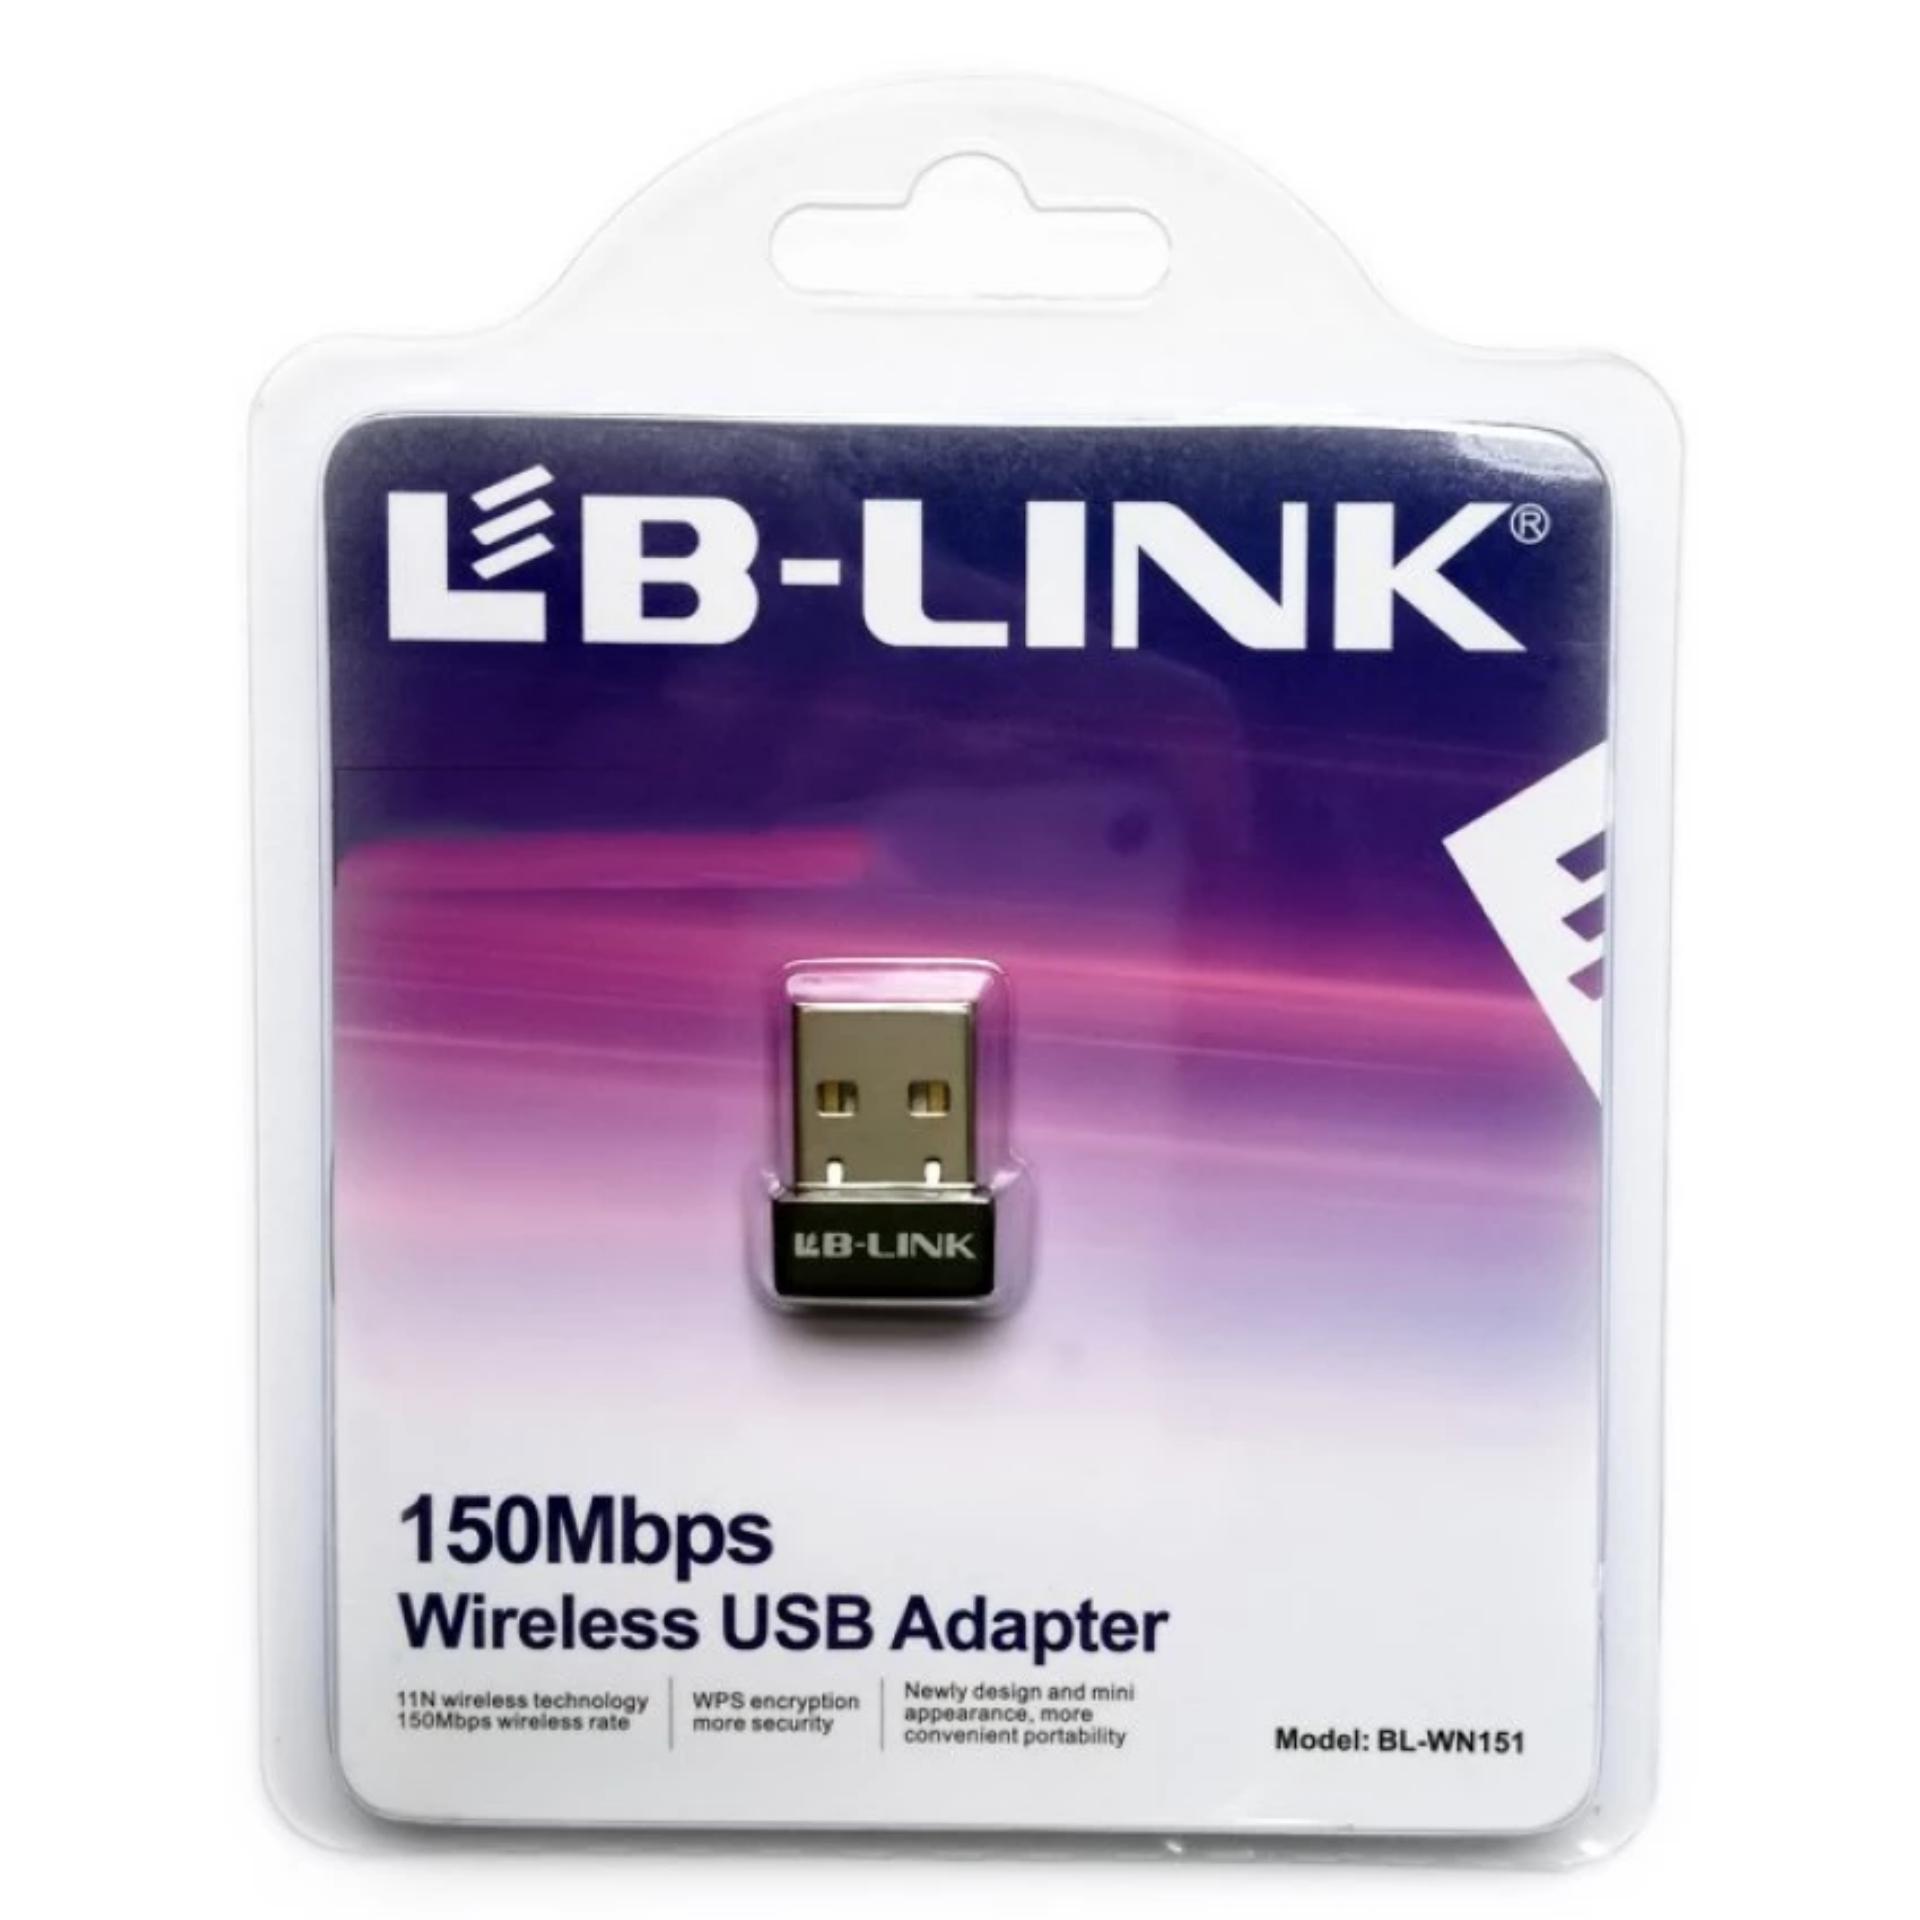 So sánh giá Repeater wifi – Usb thu wifi siêu nhỏ LB-LINK BL-WN151 Nano (Đen) Tại Do Choi PC (Hà Nội)